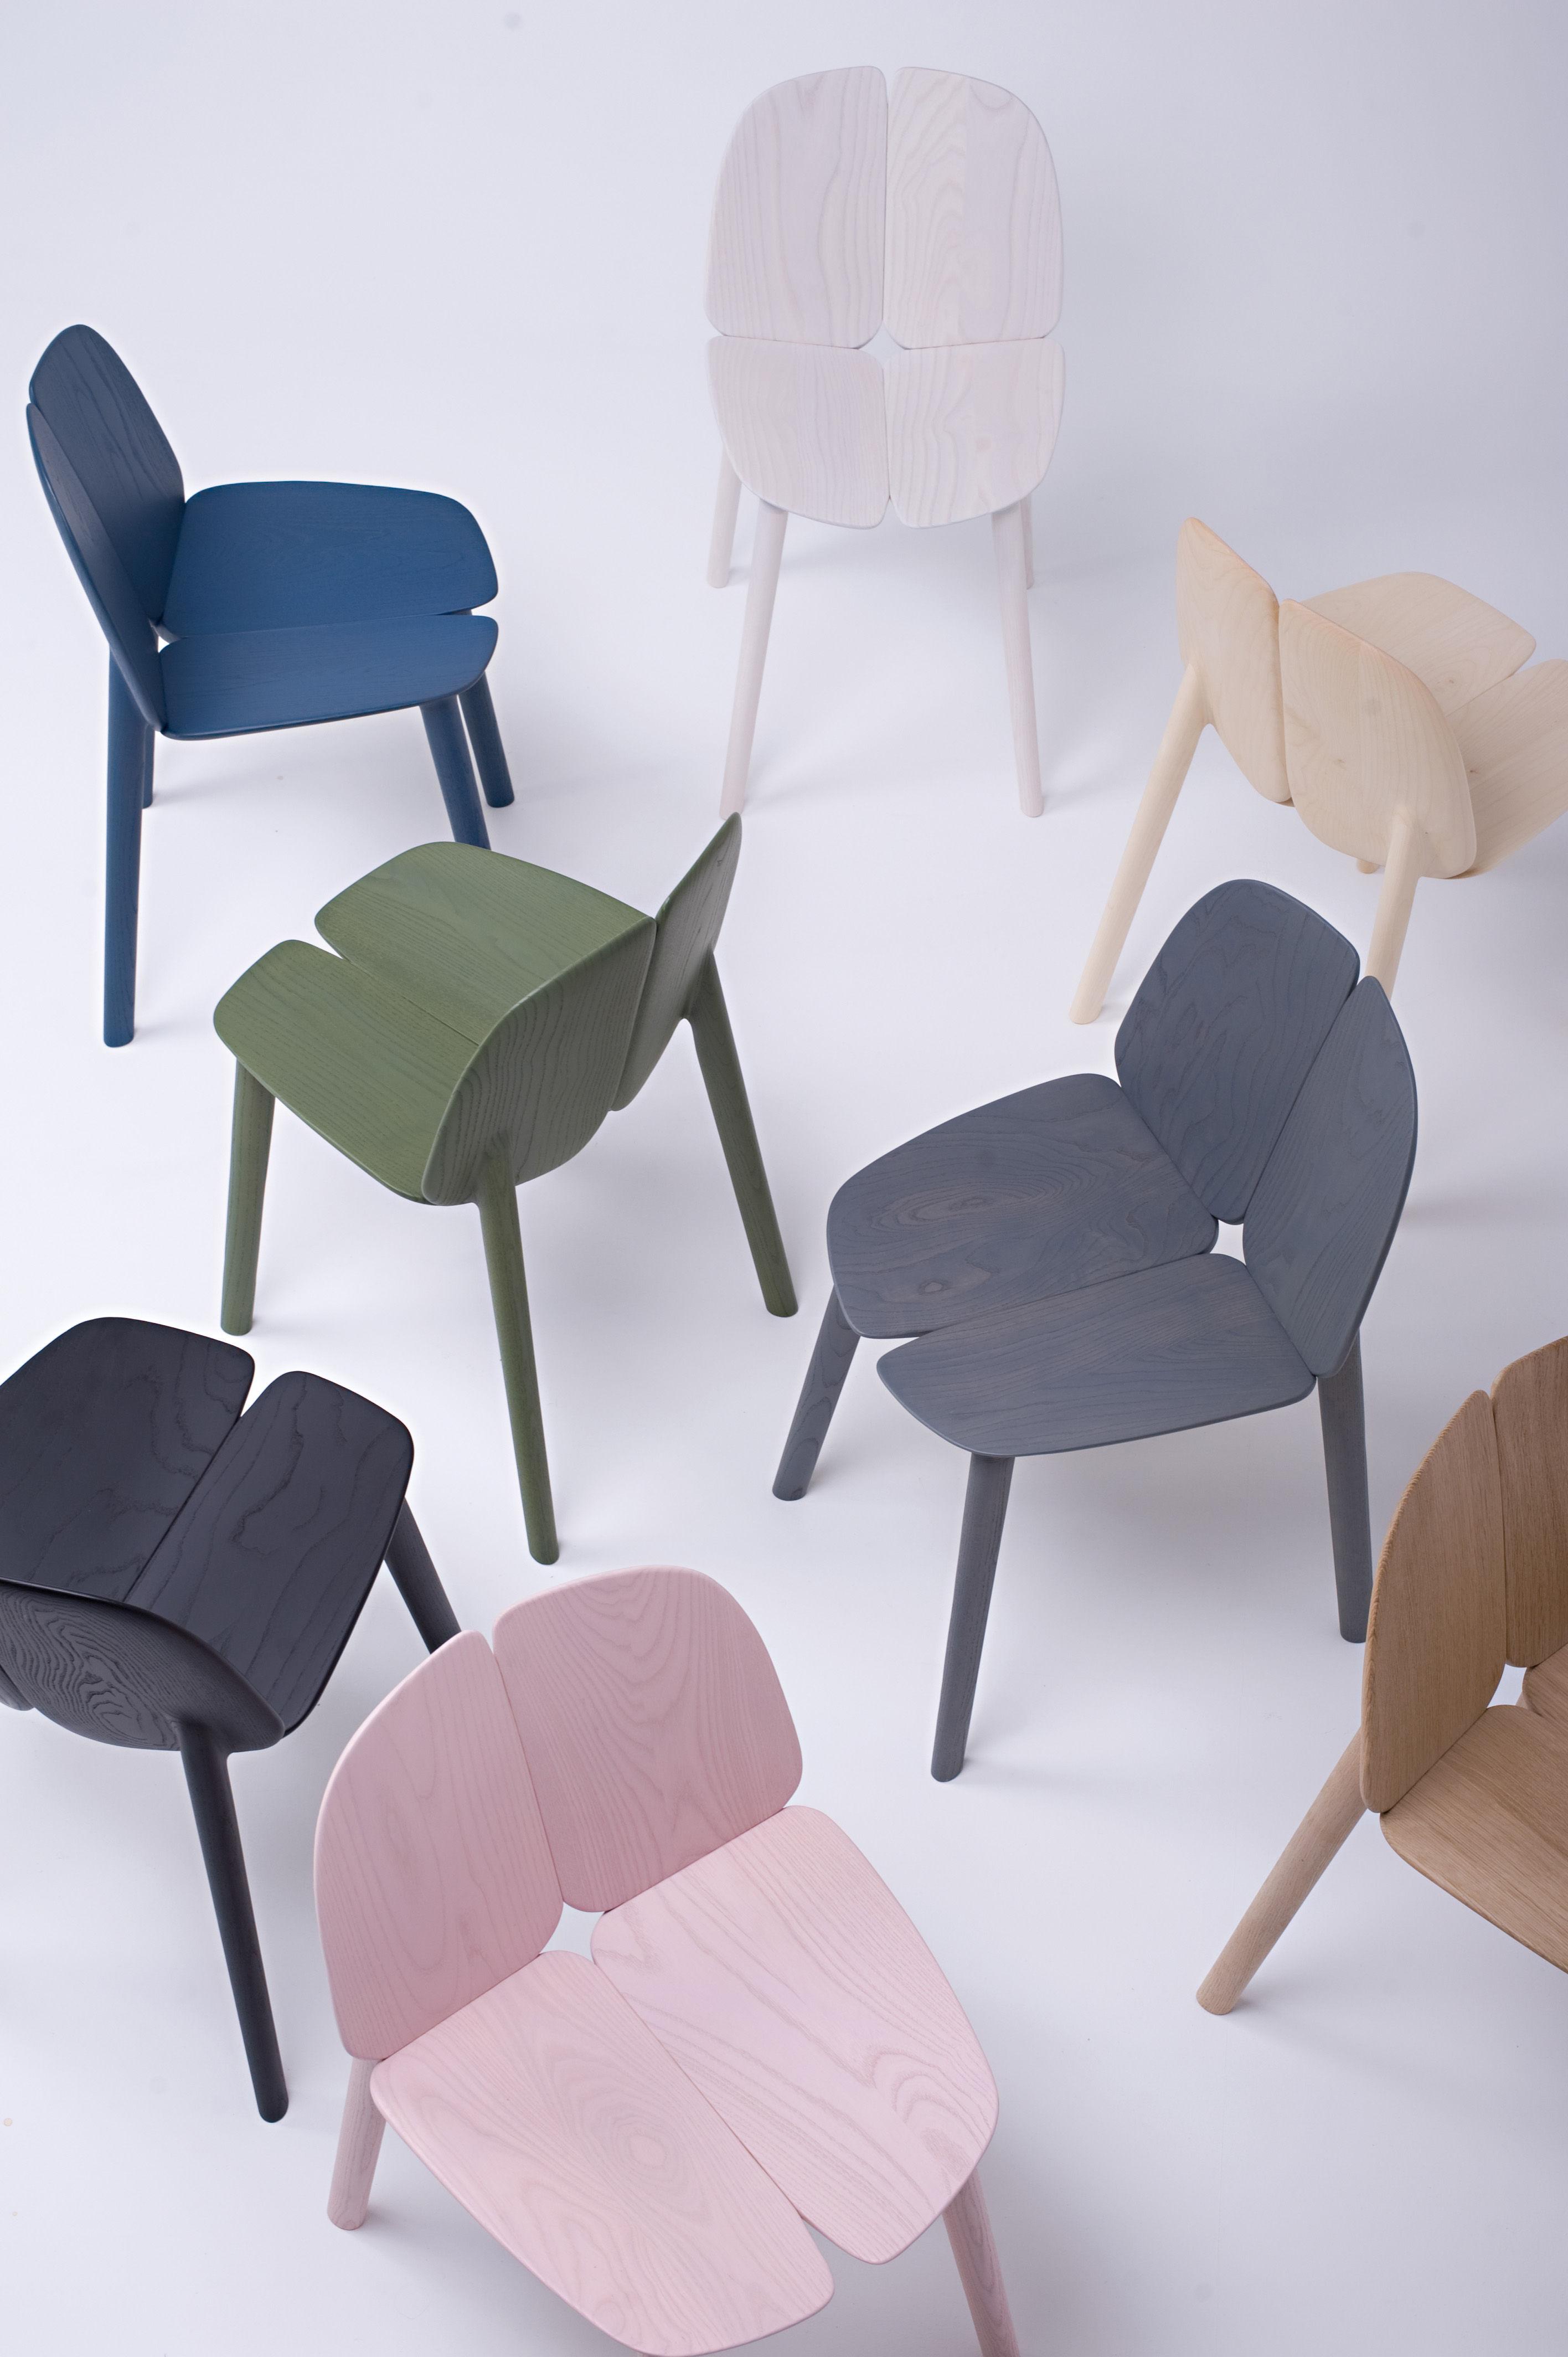 Made in design maintenance wartungsarbeiten manutenzione for Product design chair